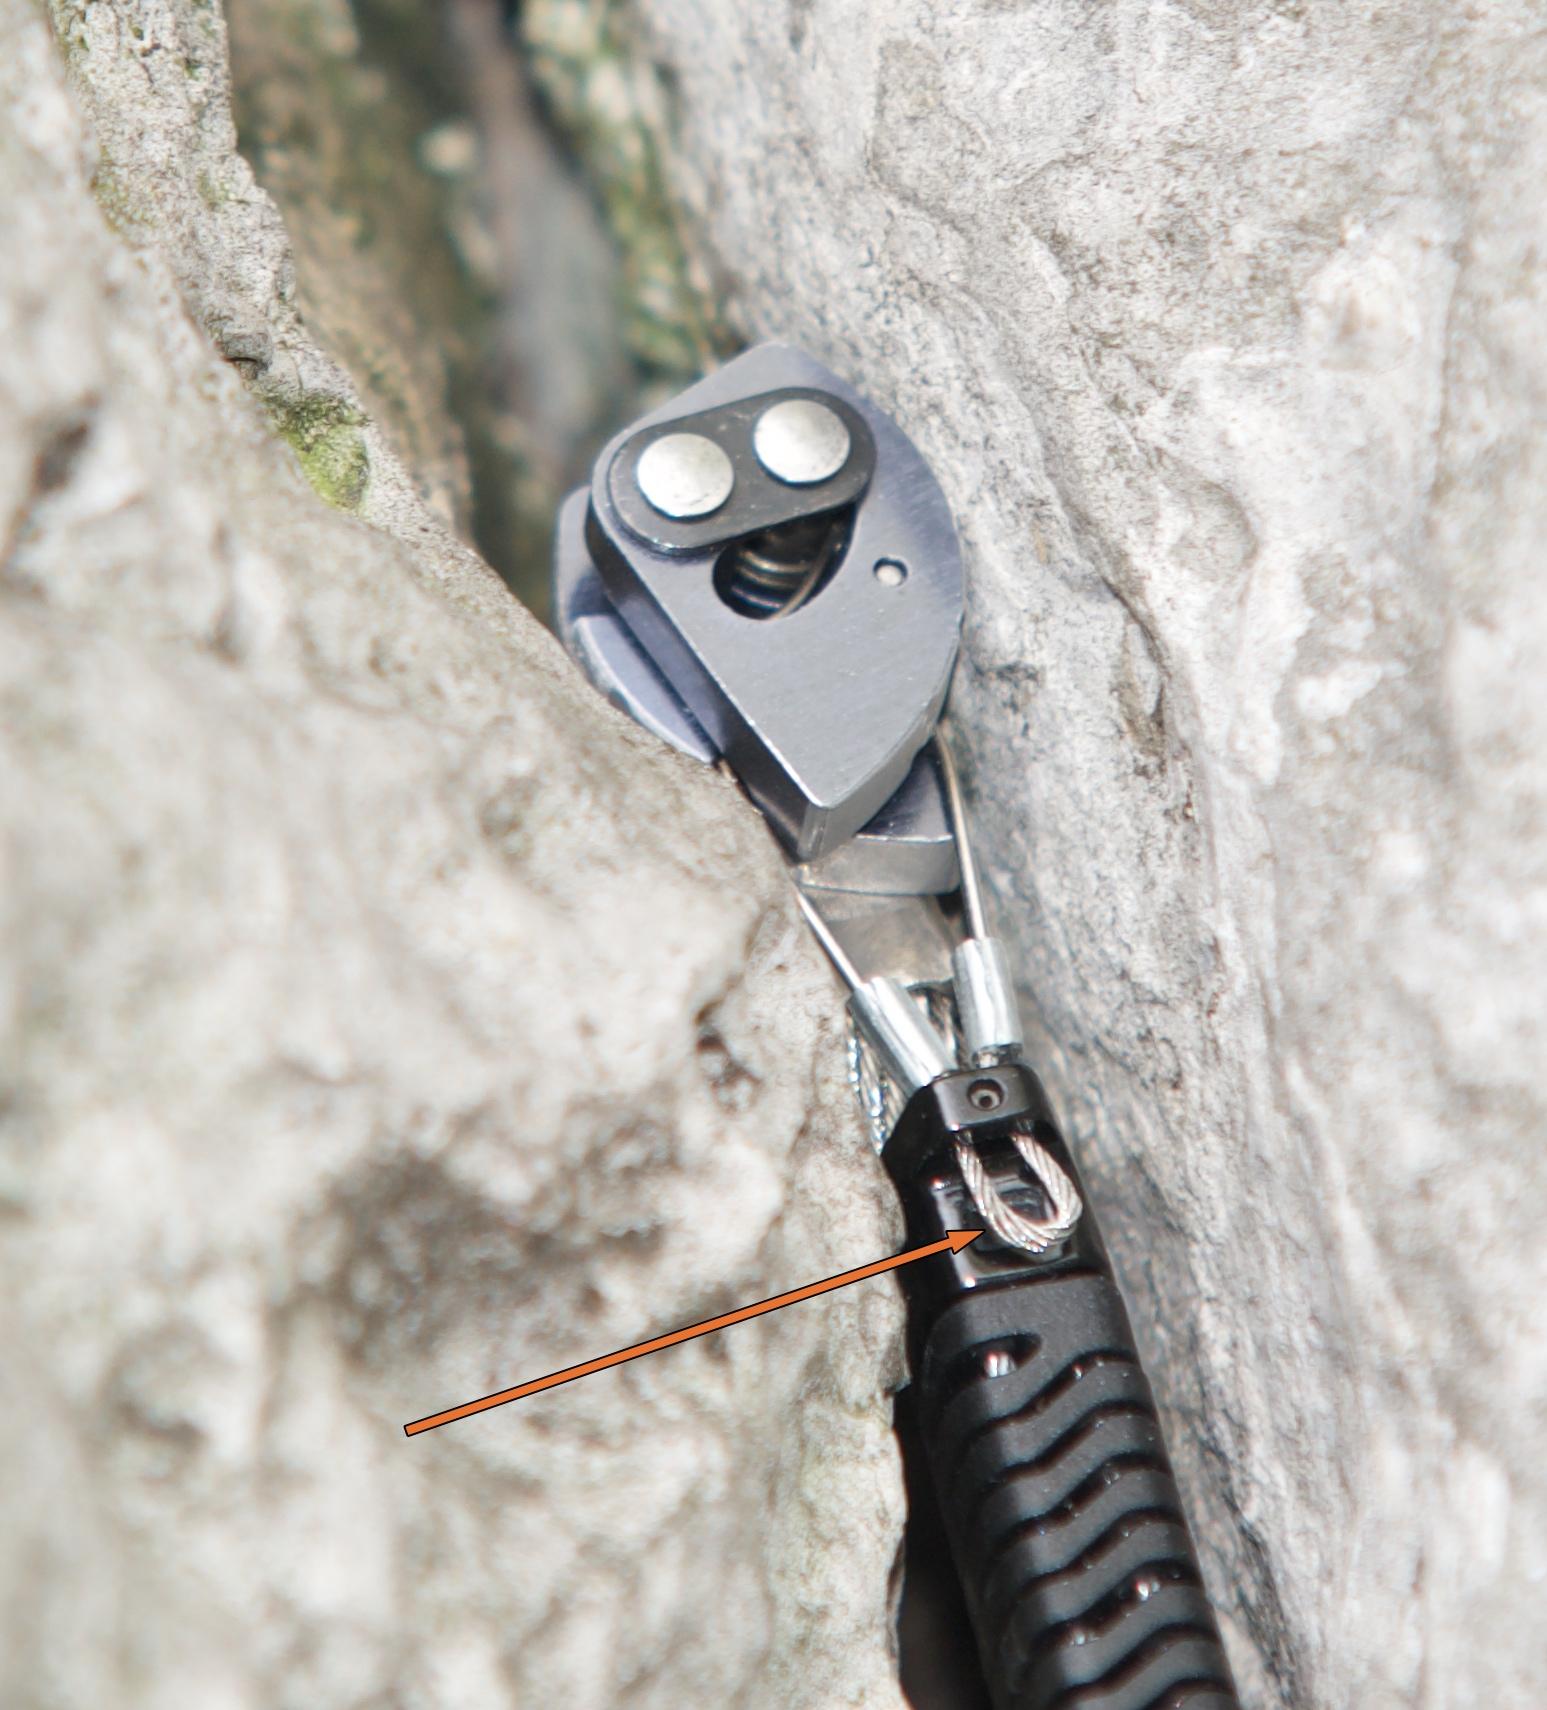 fot 4. trzon kości mechanicznej Black Diamond Camalot Z4 (fot. Dariusz Porada)